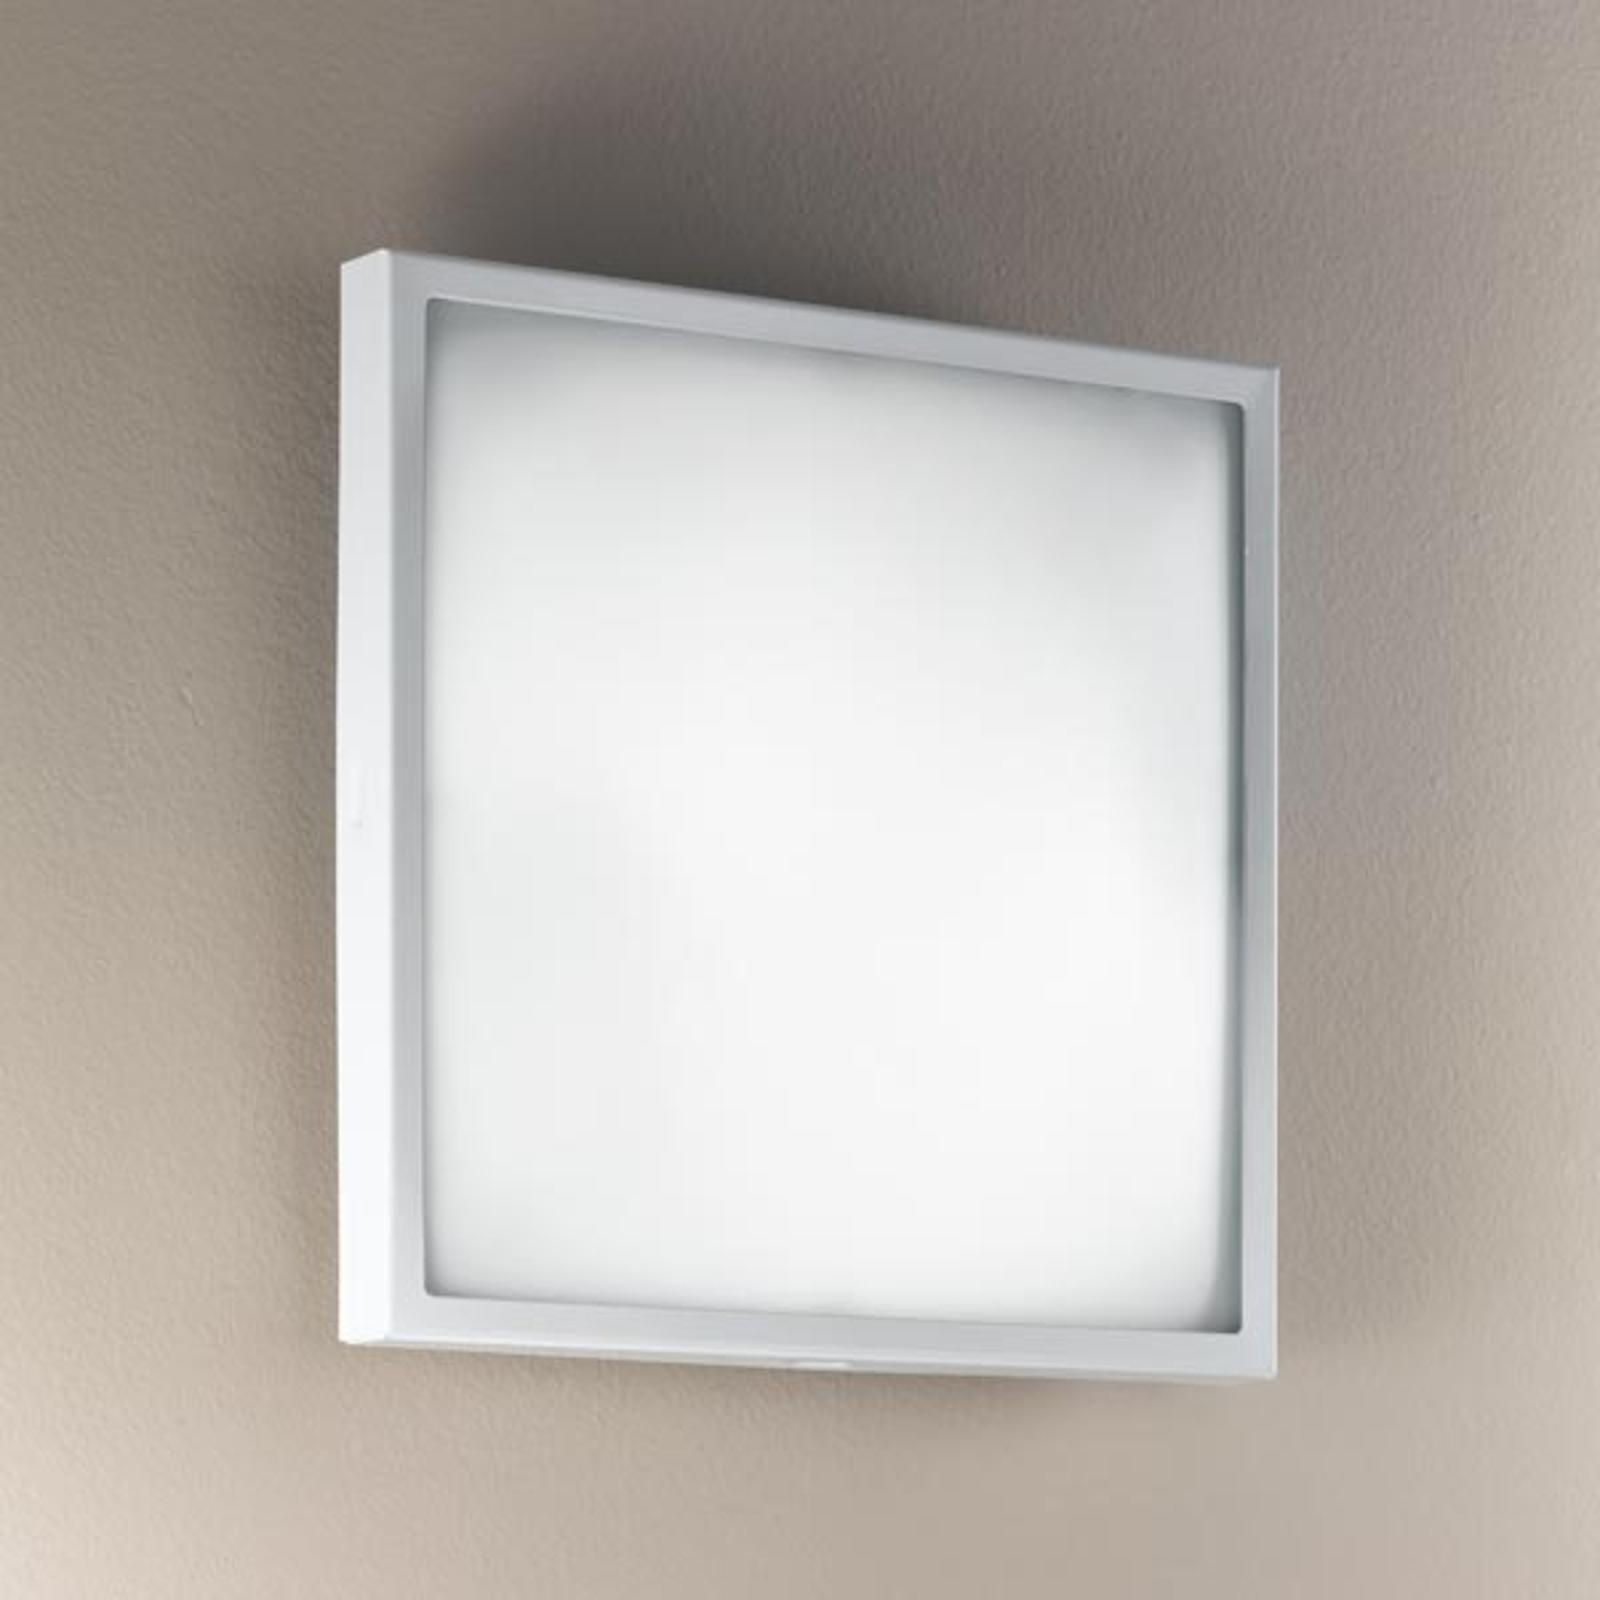 Applique e plafoniera in vetro OSAKA 30 bianco